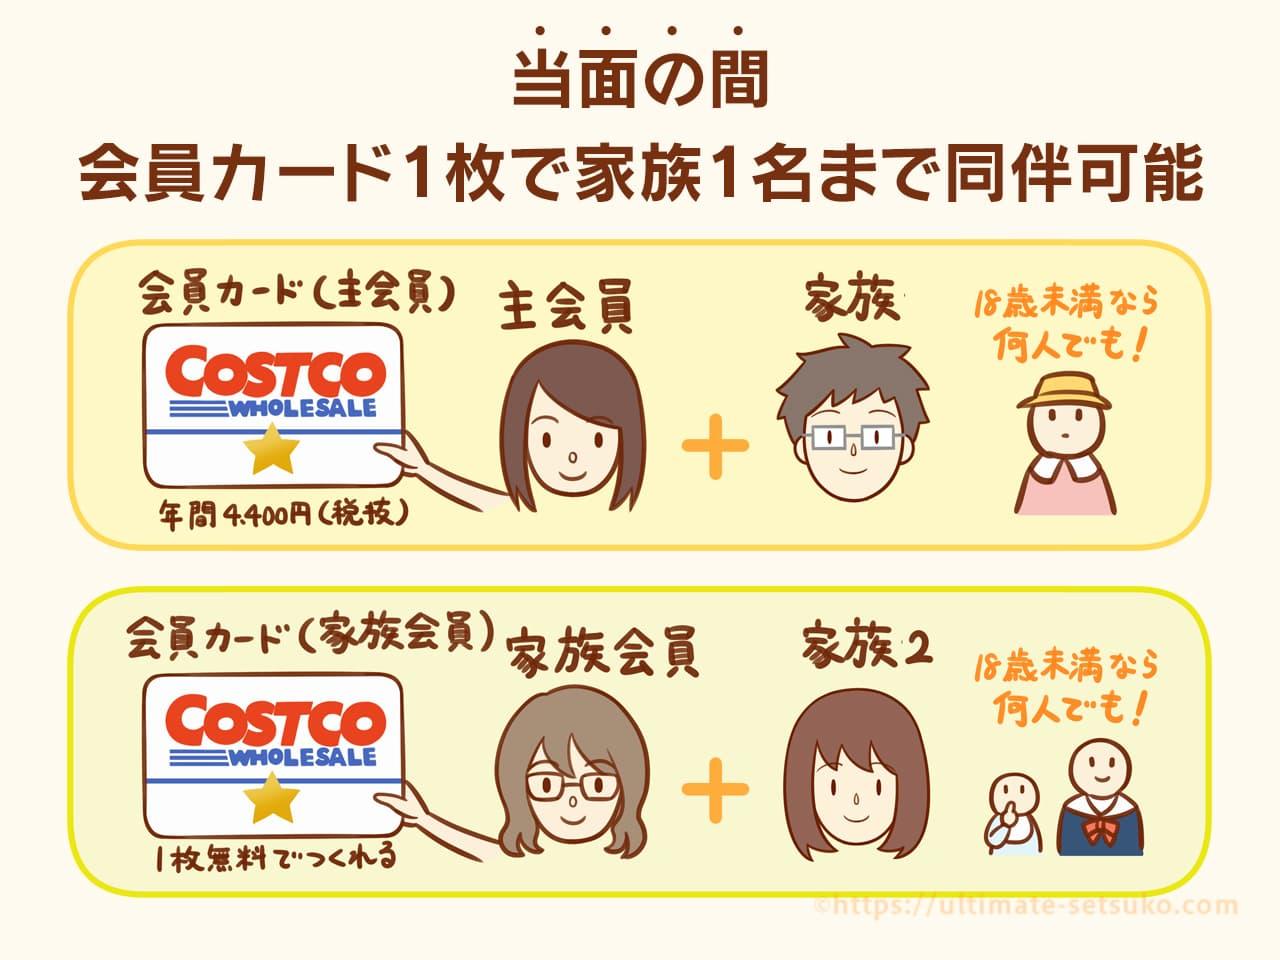 三郷 制限 入場 新 コストコ